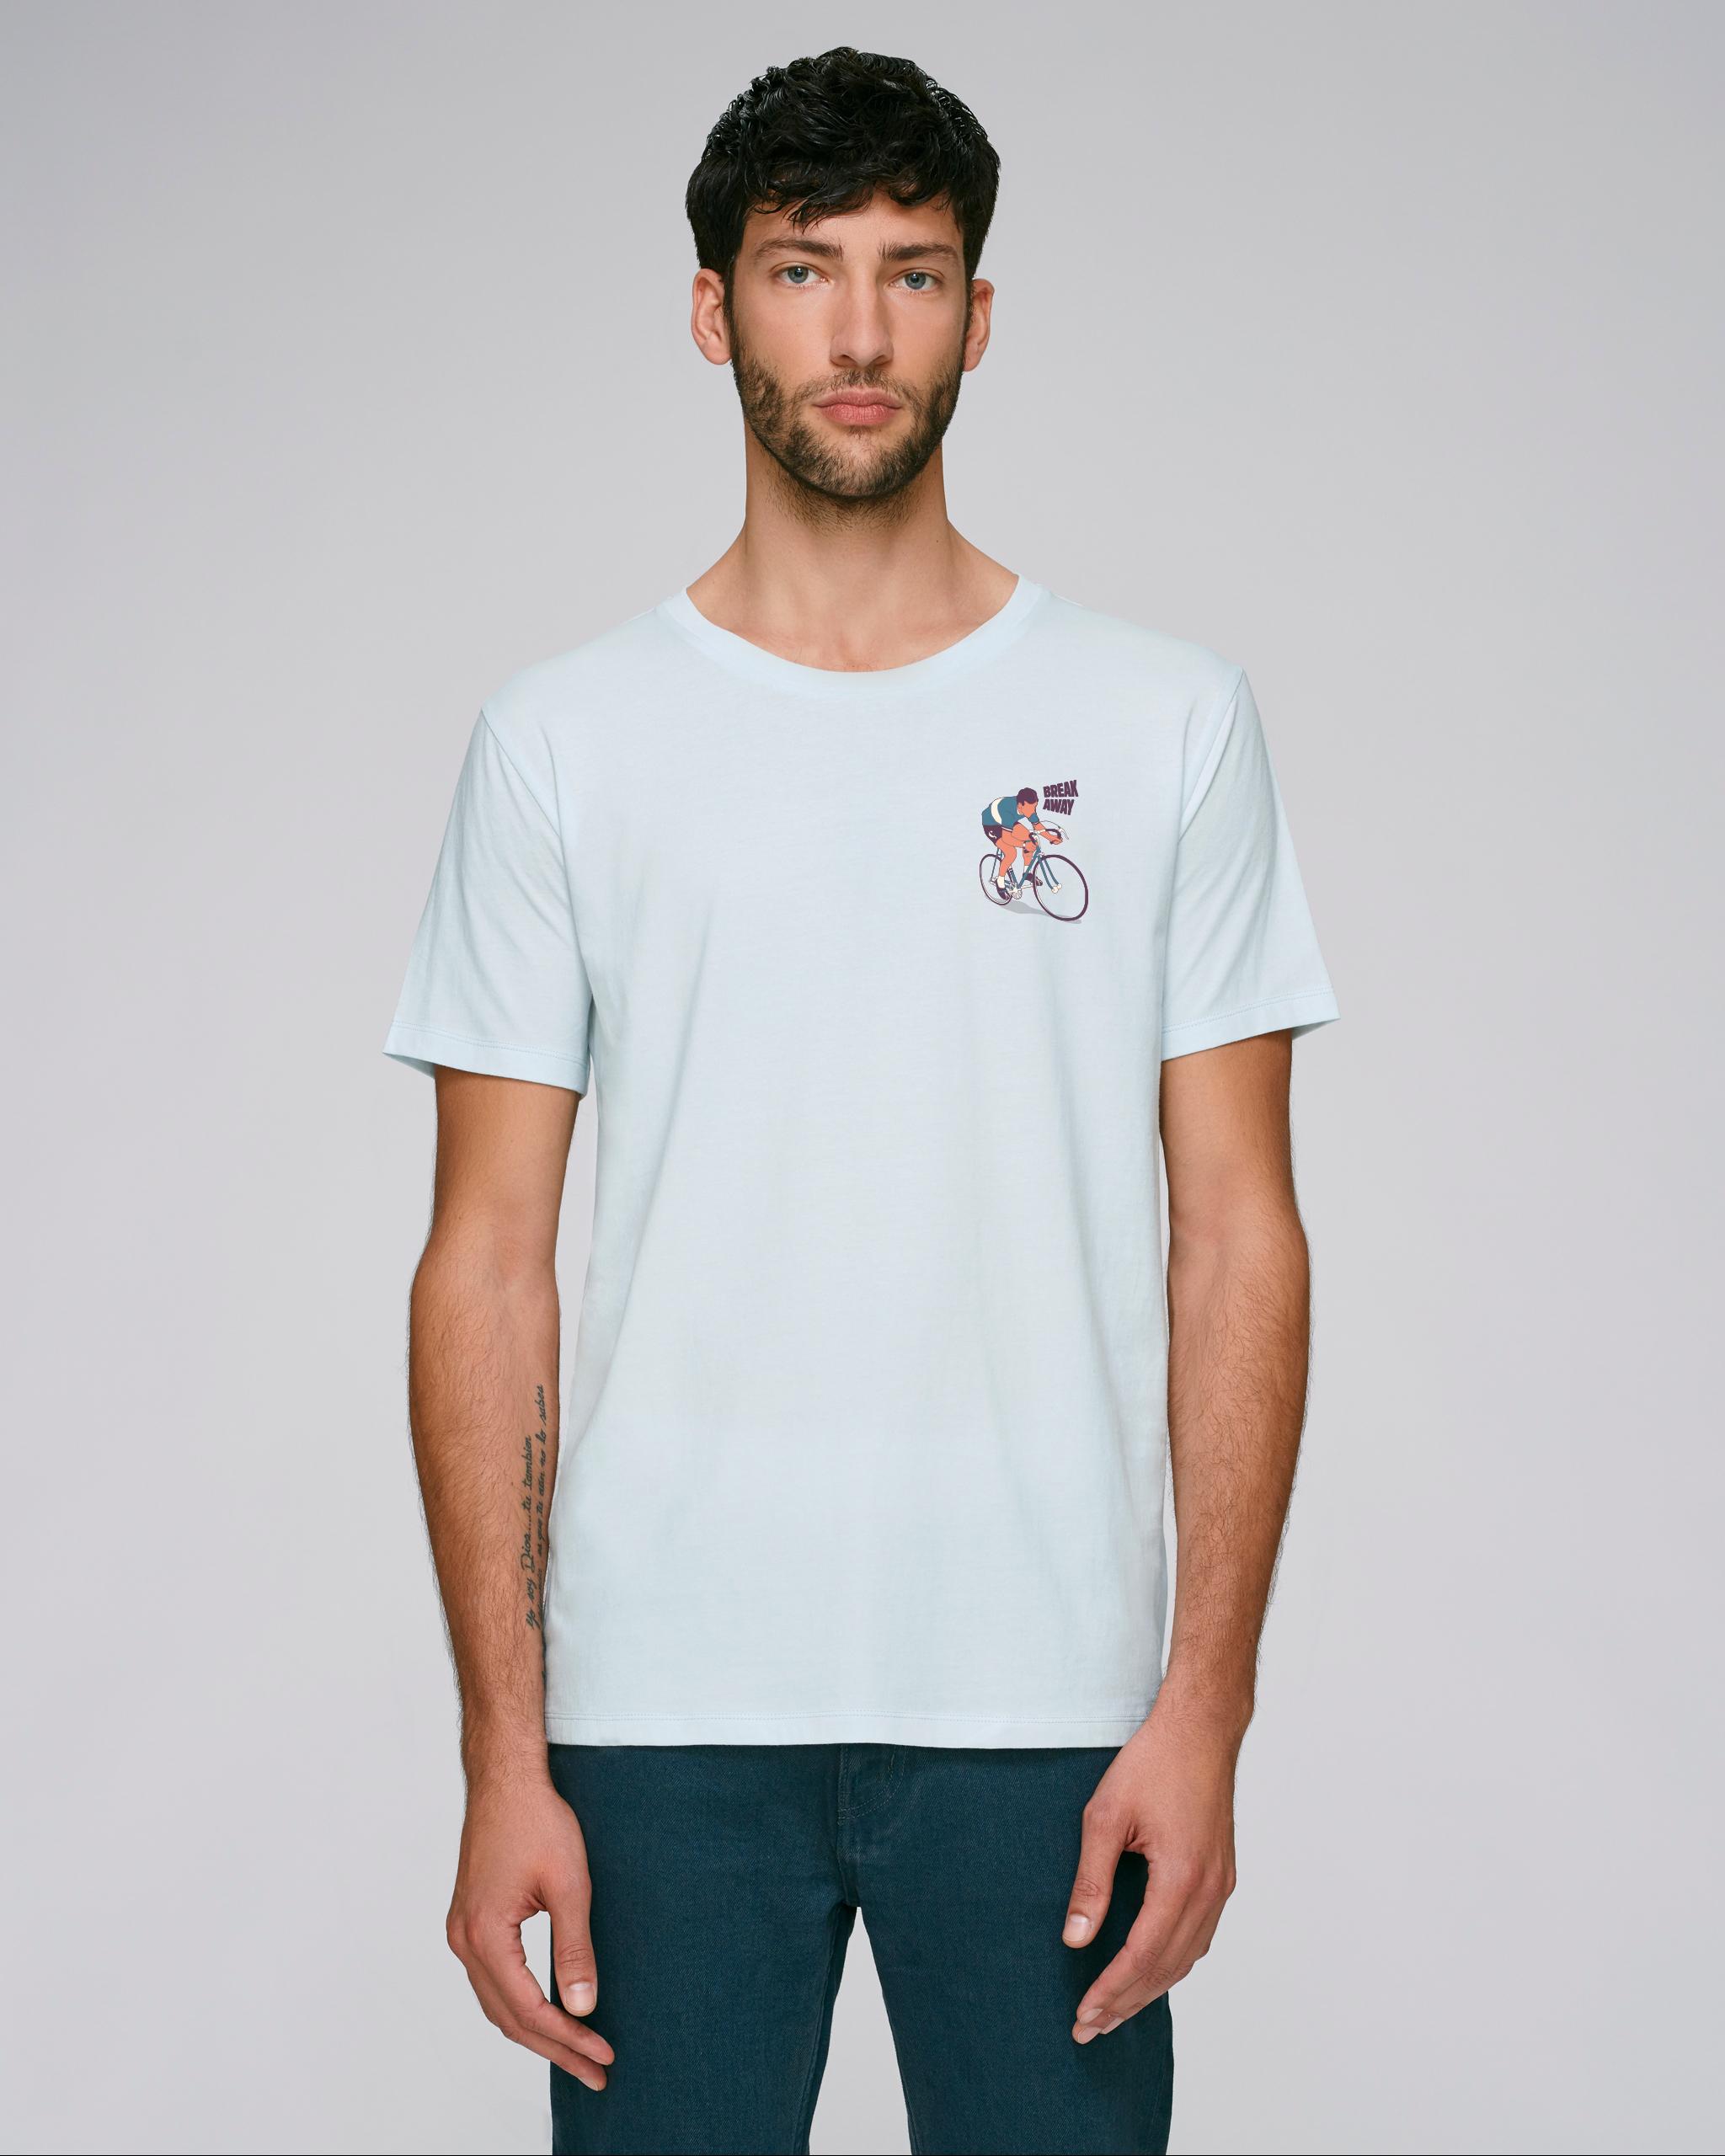 shirt_mockup2